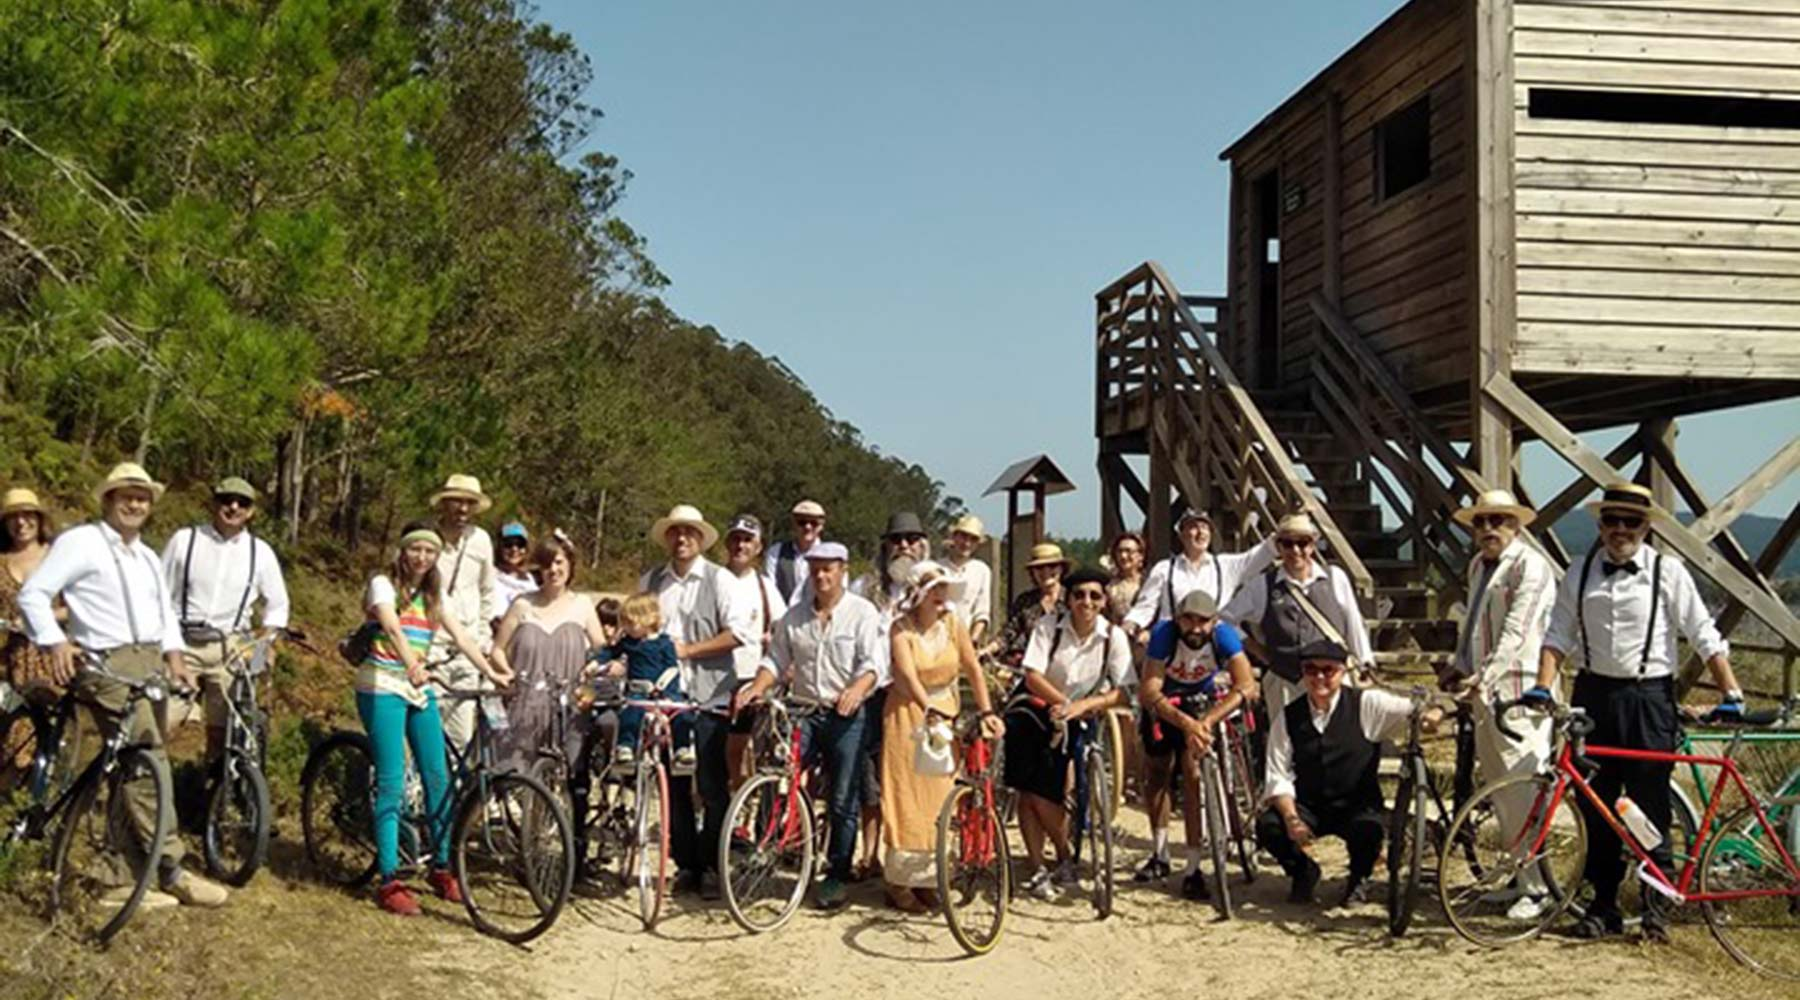 Afiánzase con éxito rotundo a VI Ruta de Biciclásicas de Ponteceso